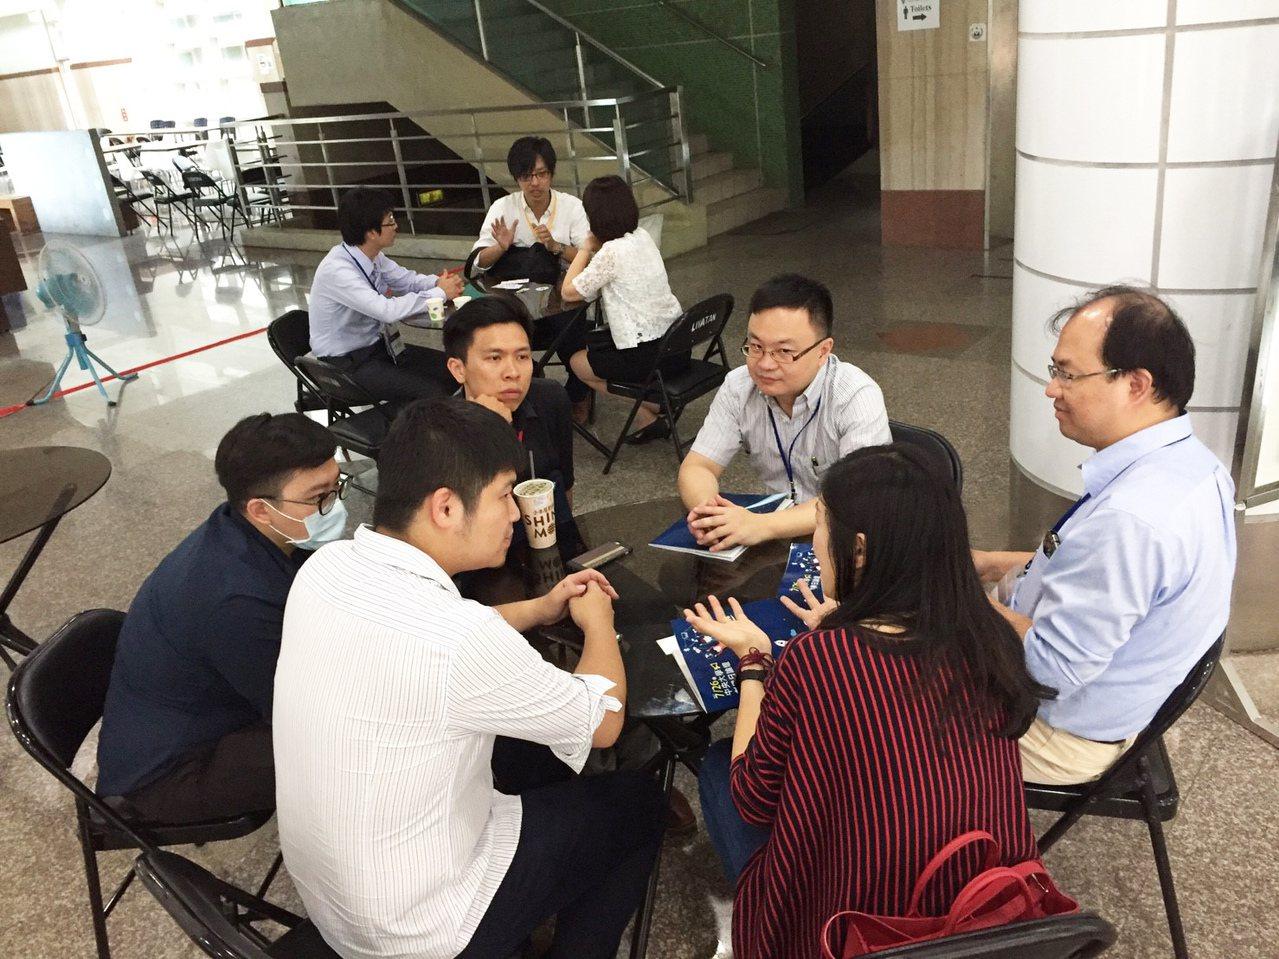 中央大學萌芽功能中心與創新育成中心共同媒合新創團隊創業募資。圖/國立中央大學提供